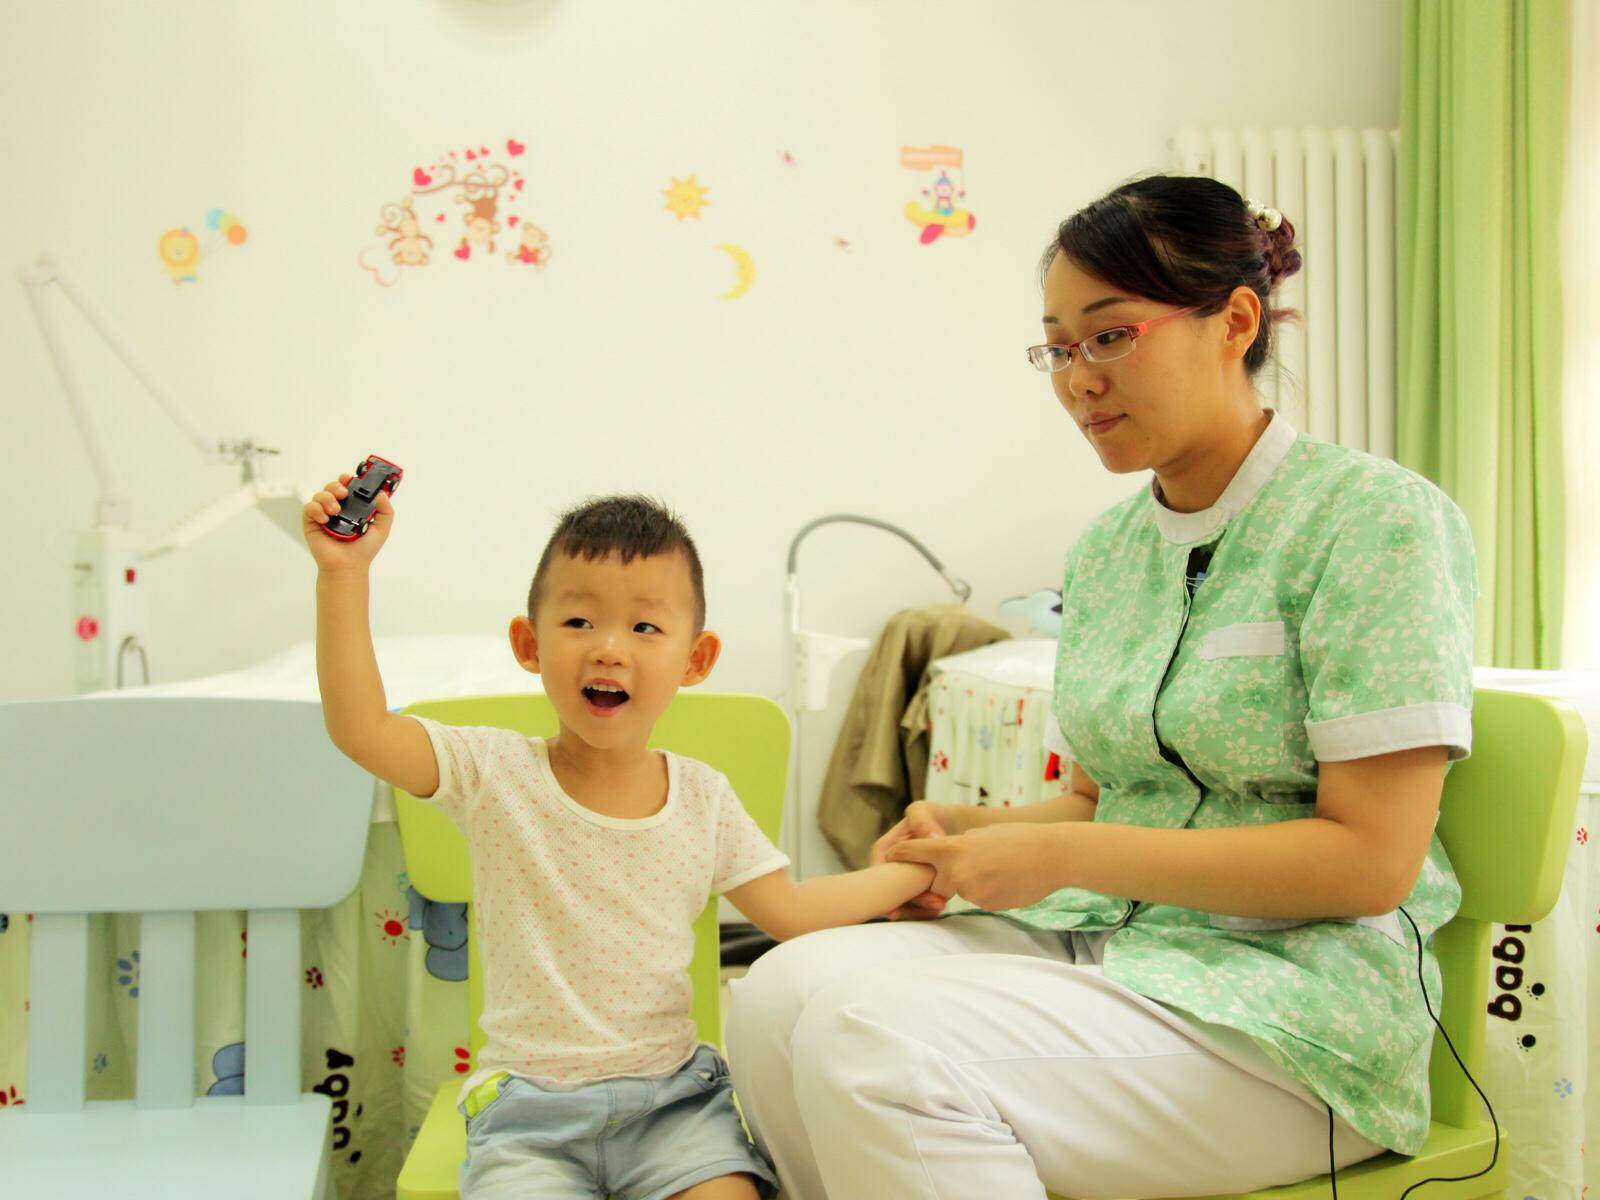 葫芦娃儿童健康调理中心(葫芦娃小儿推拿)